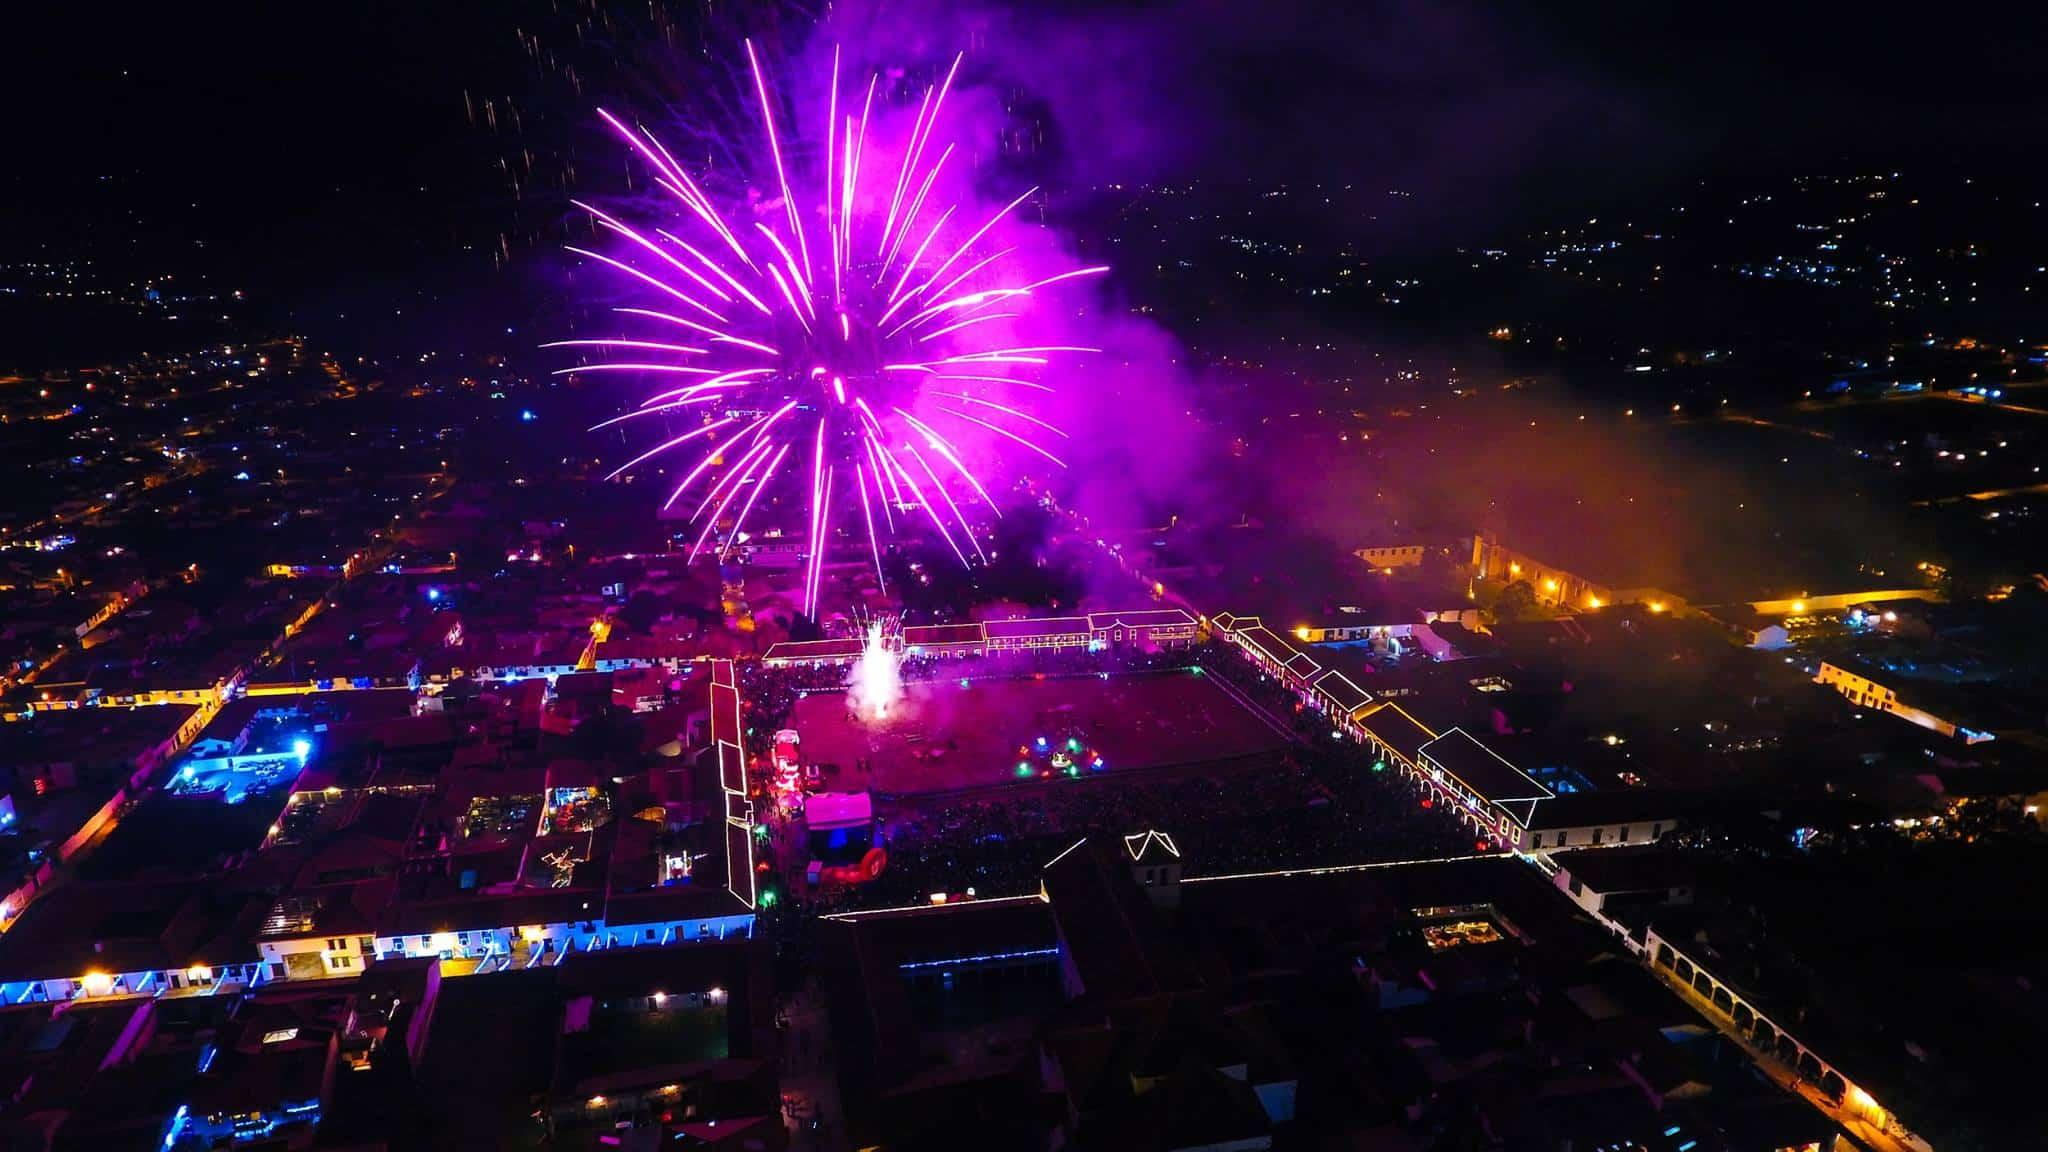 XXX Festival de Luces Villa de Leyva desde los drones de Sky Zoom fotografía y video aéreo.